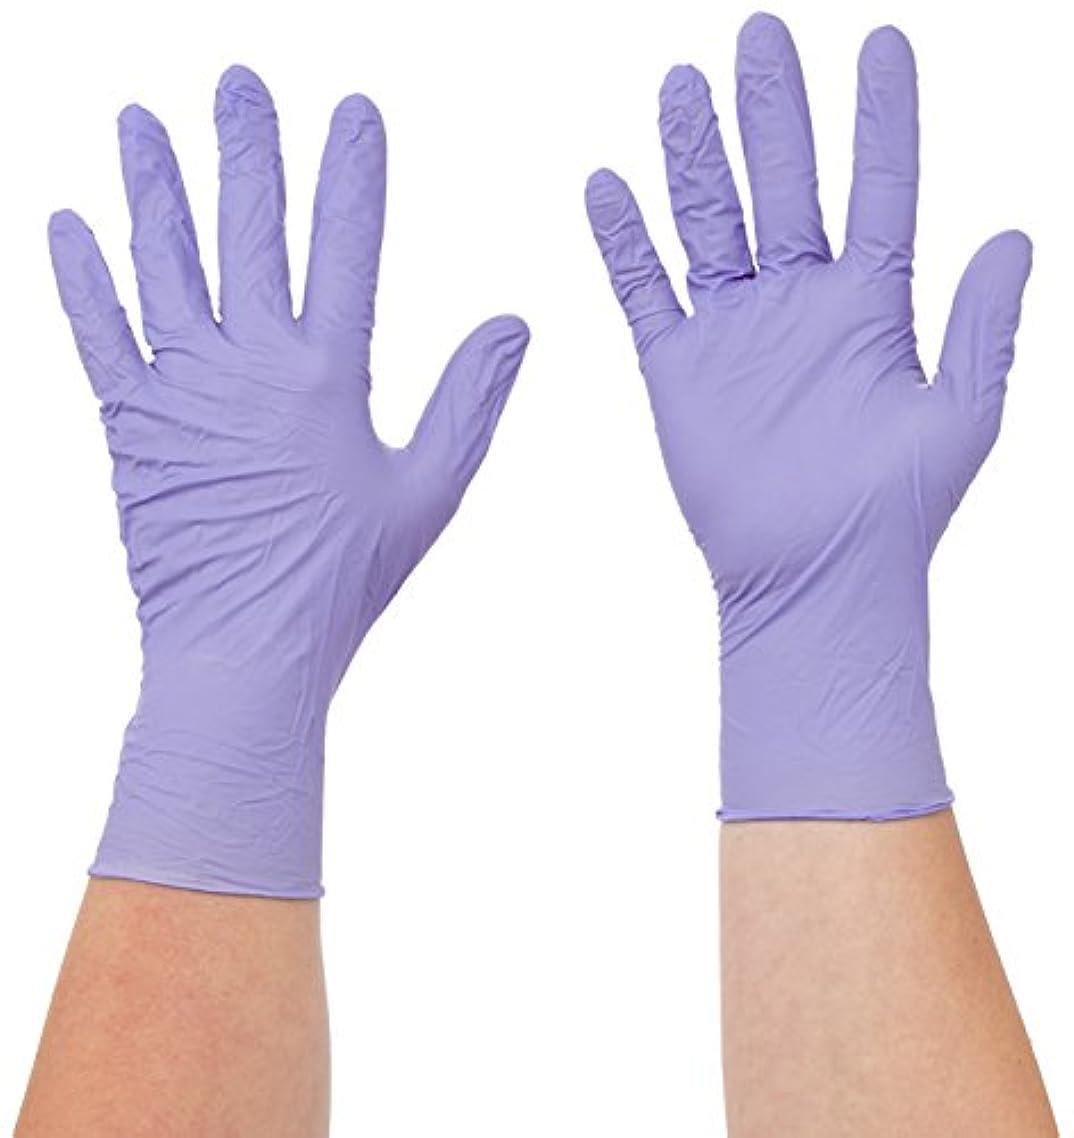 旧正月はさみ感染するSemperit 使い捨てニトリル手袋 Xtra Lite 0.14mm 粉無(入数:200枚) 3000001619